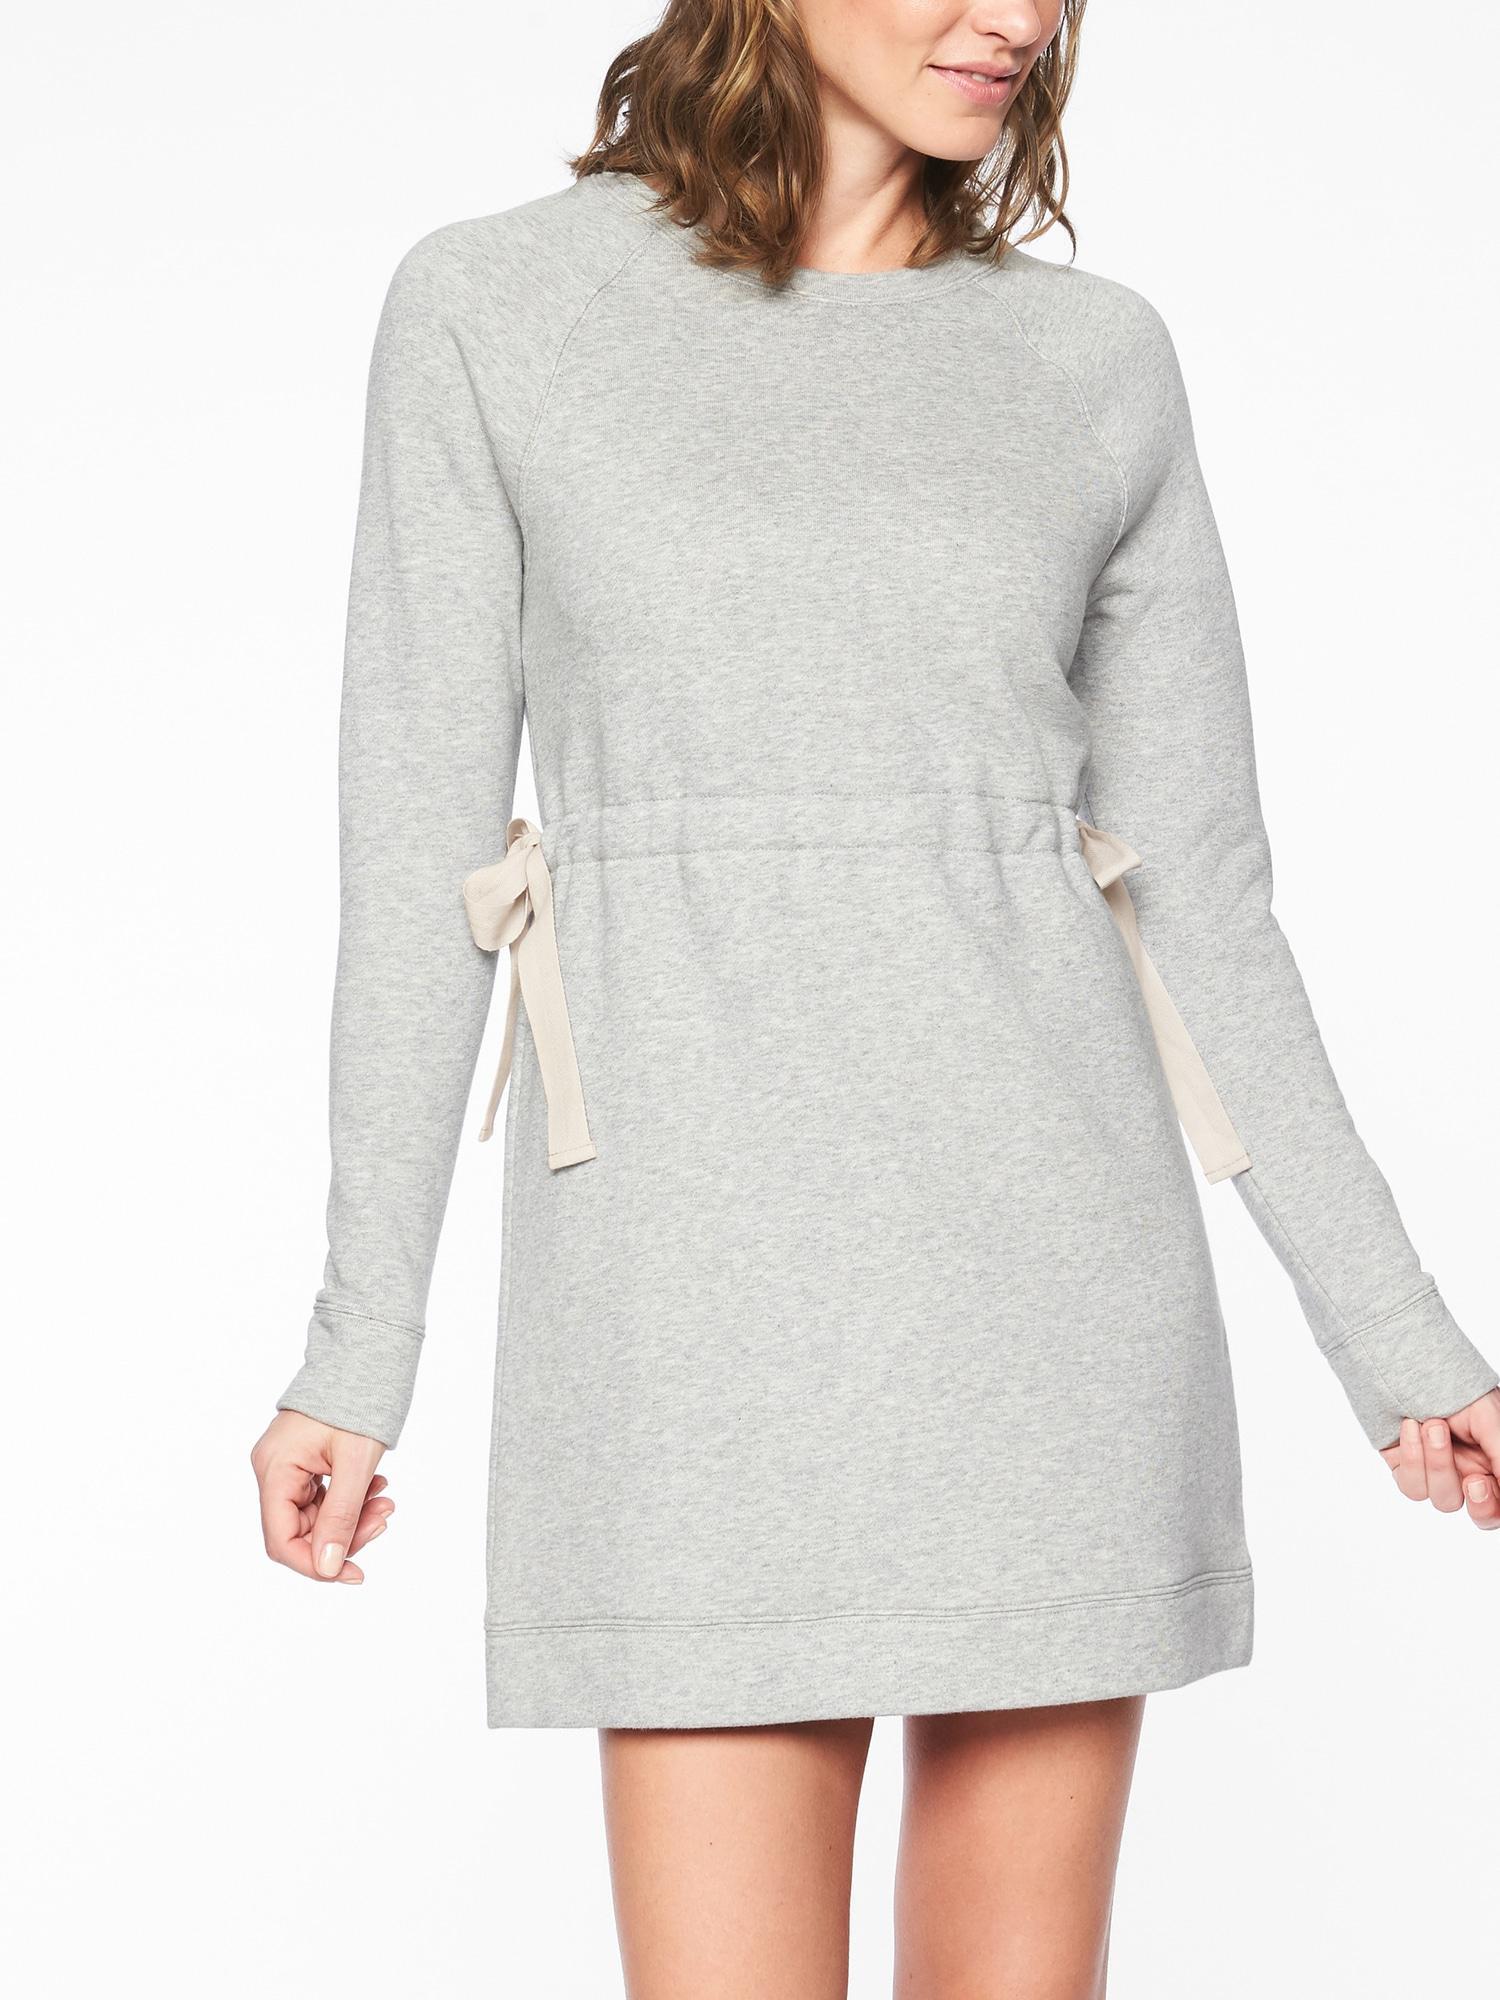 0790ff88795 Lyst - Athleta Studio Cinch Sweatshirt Dress in Gray